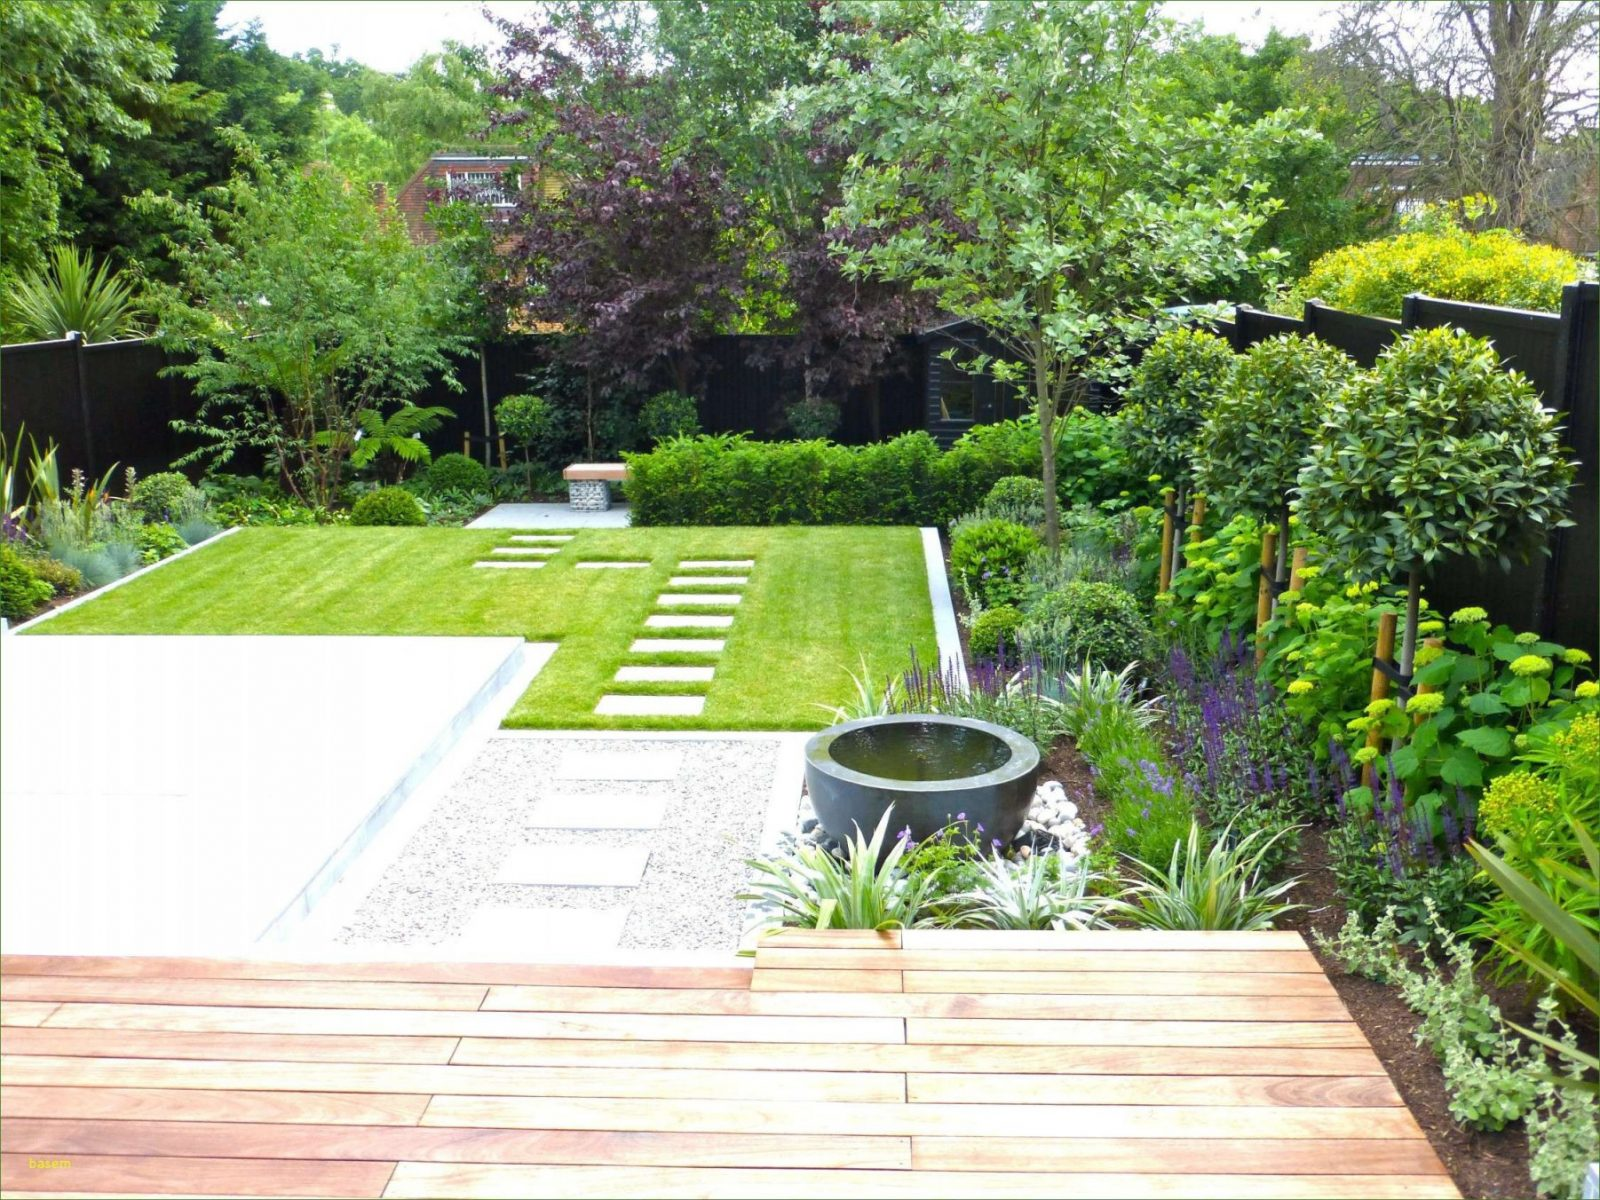 32 Neu Moderner Garten Mit Gräsern Design Von Vorgarten Gestalten von Vorgarten Gestalten Mit Kies Und Gräsern Photo